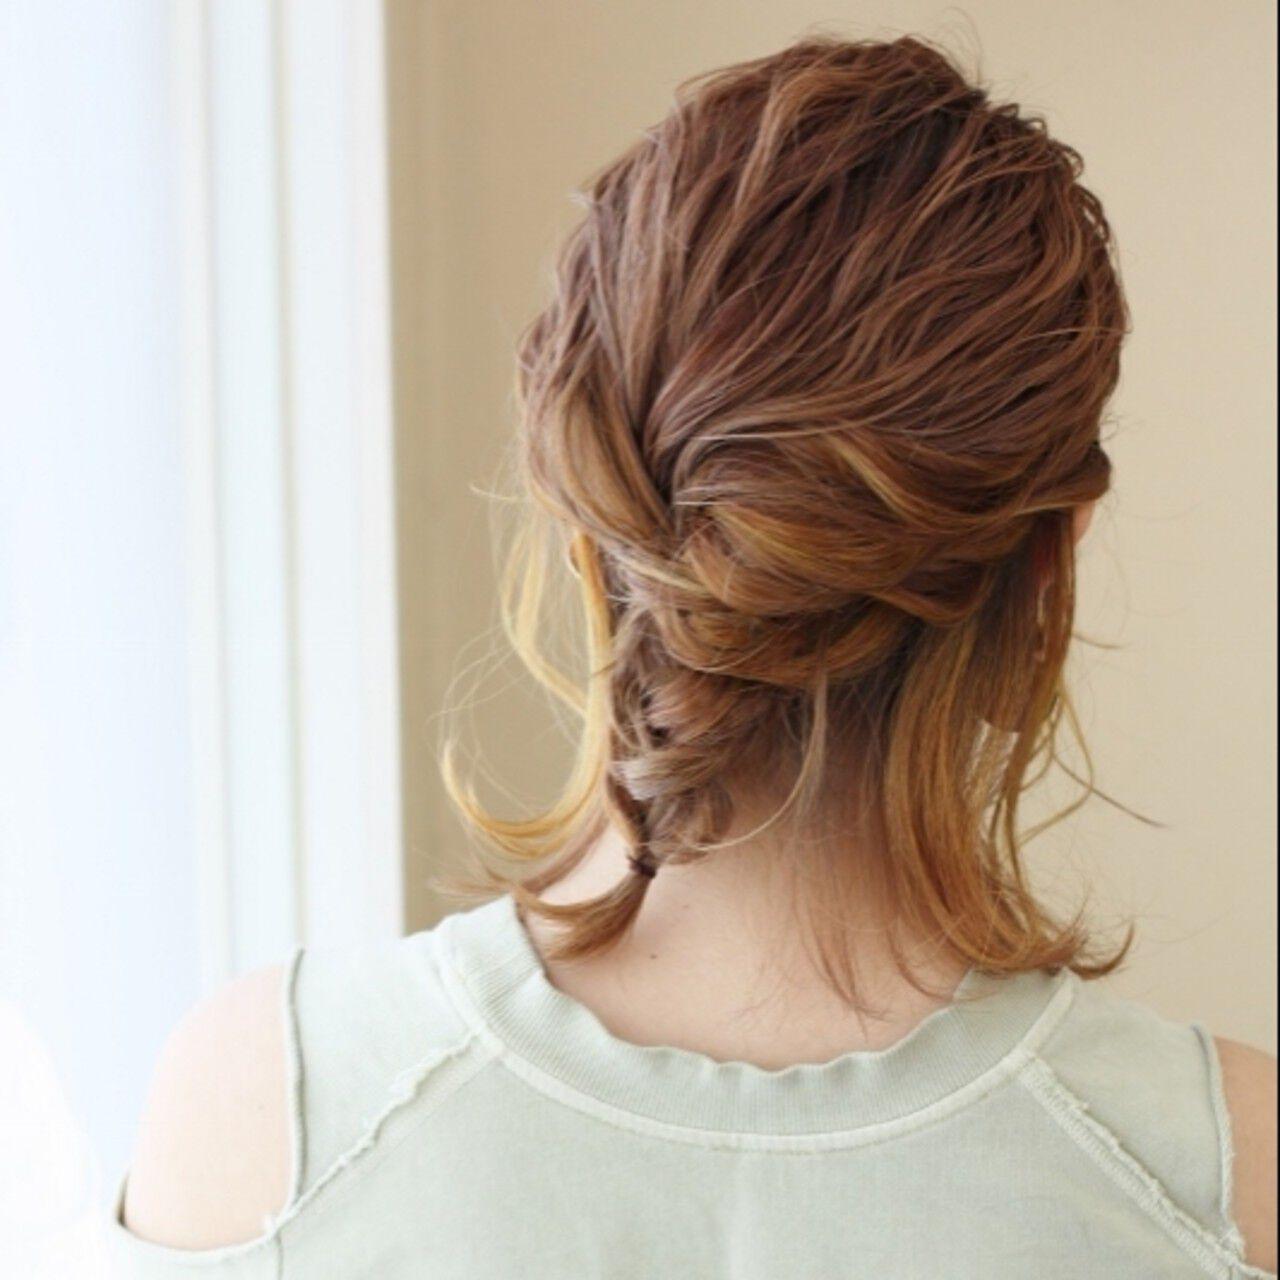 ロープ編み 簡単ヘアアレンジ ミディアム 編みおろしヘアスタイルや髪型の写真・画像